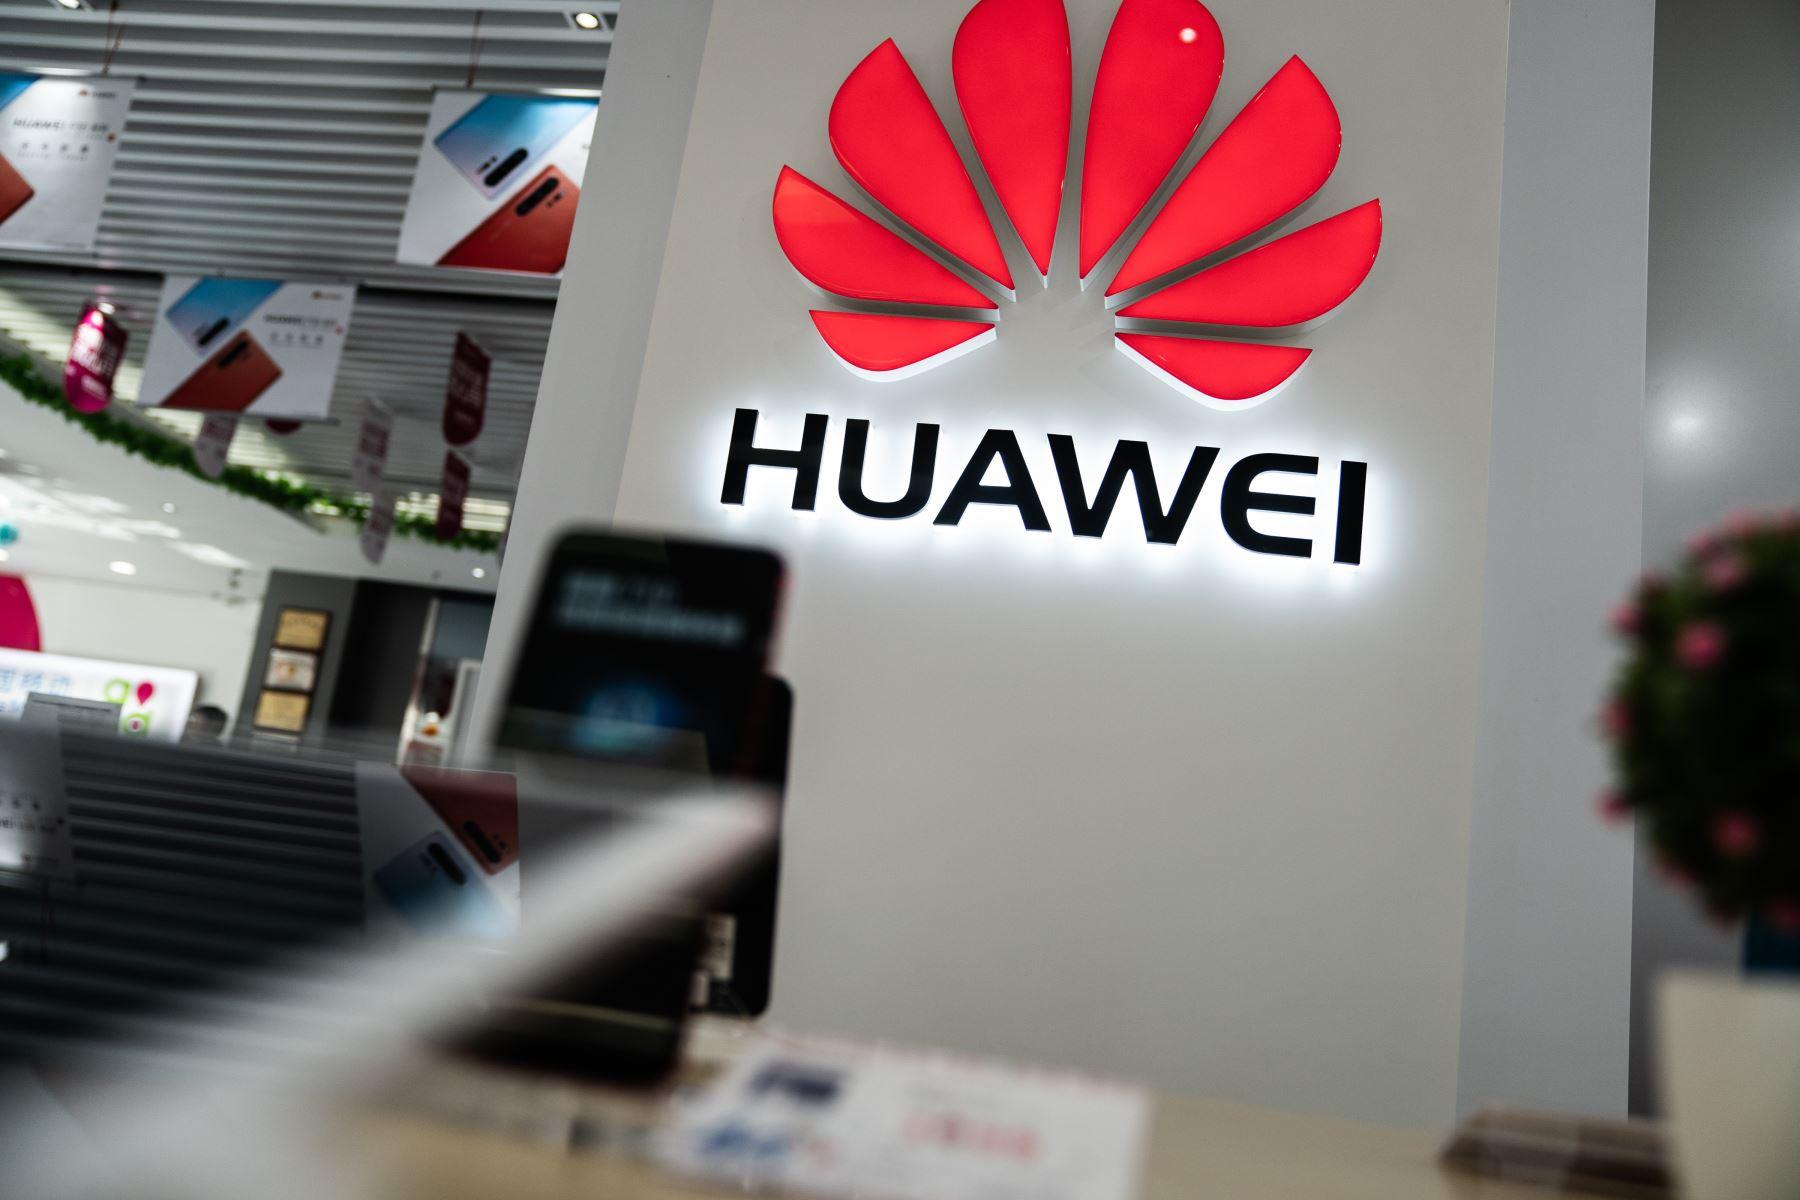 La Casa Blanca permitirá a las empresas estadounidense que vendan productos al fabricante chino Huawei